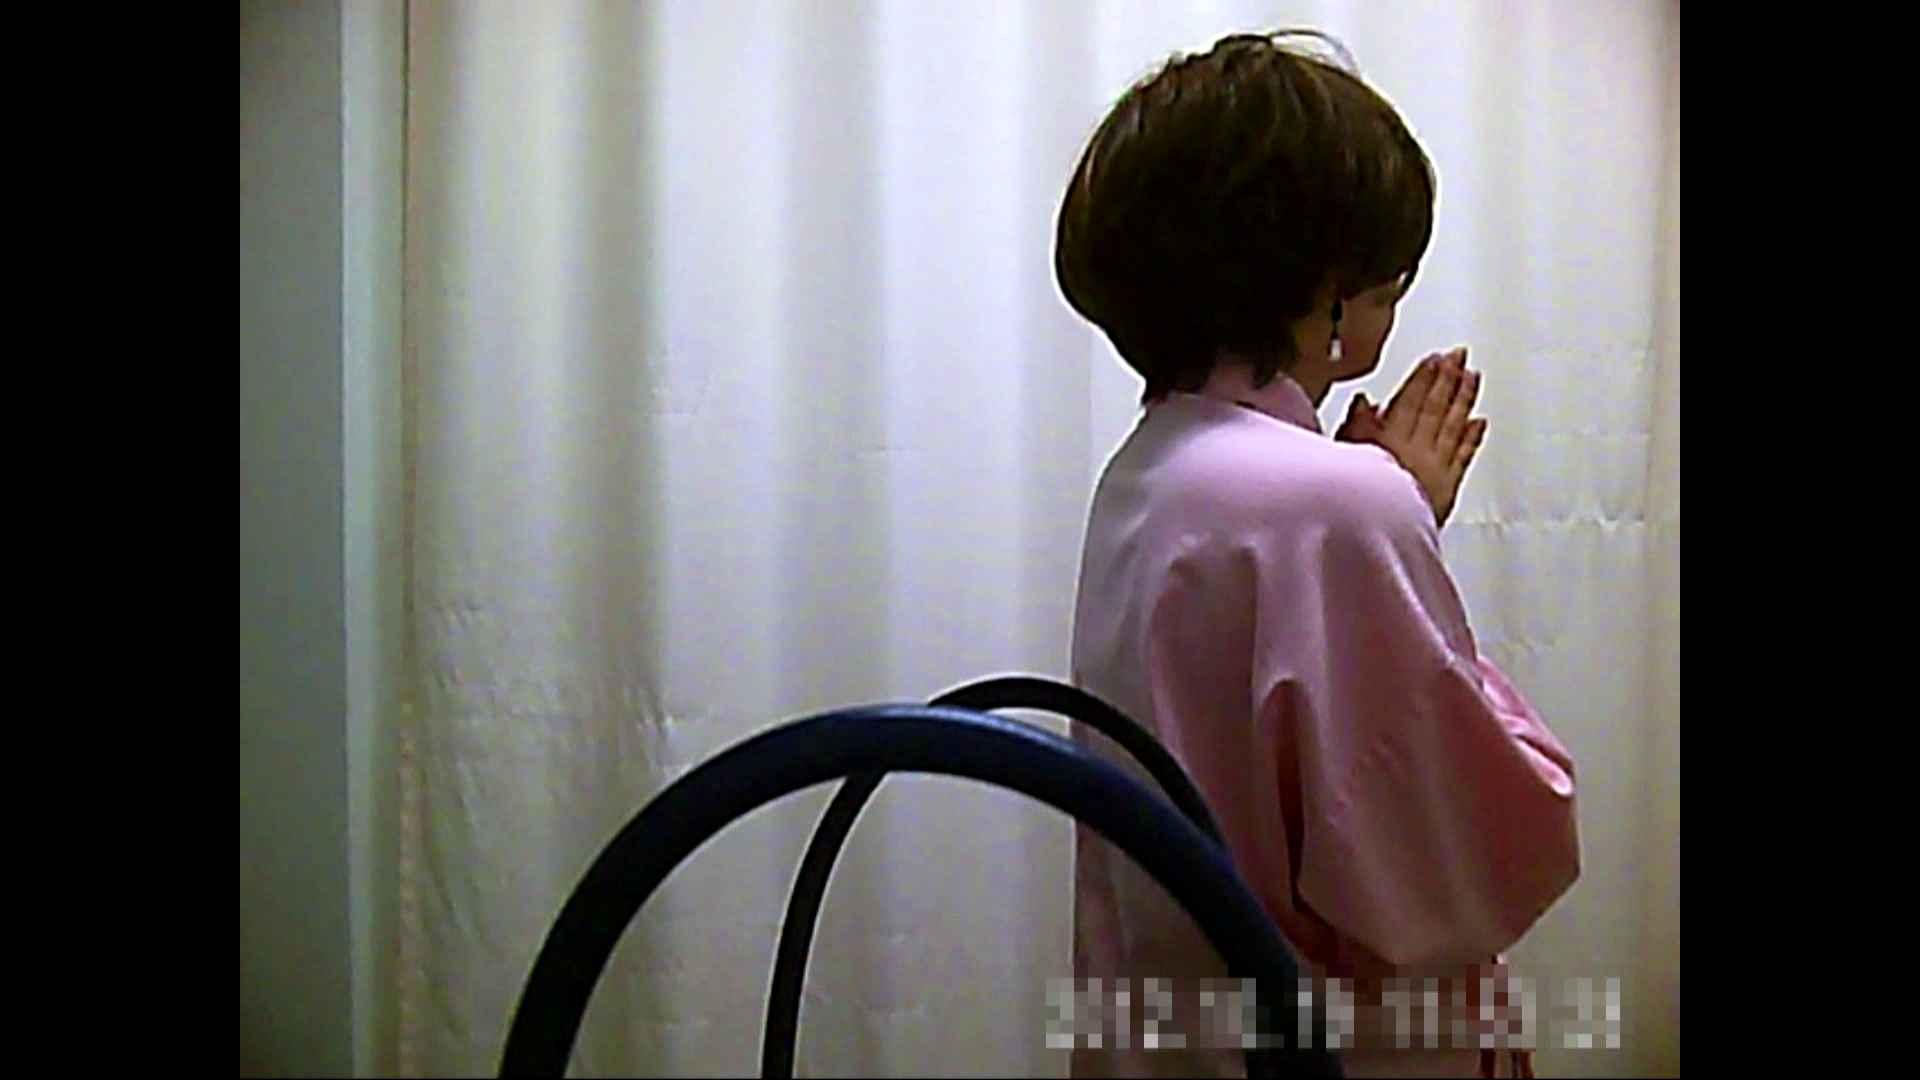 元医者による反抗 更衣室地獄絵巻 vol.052 お姉さん  106PIX 56